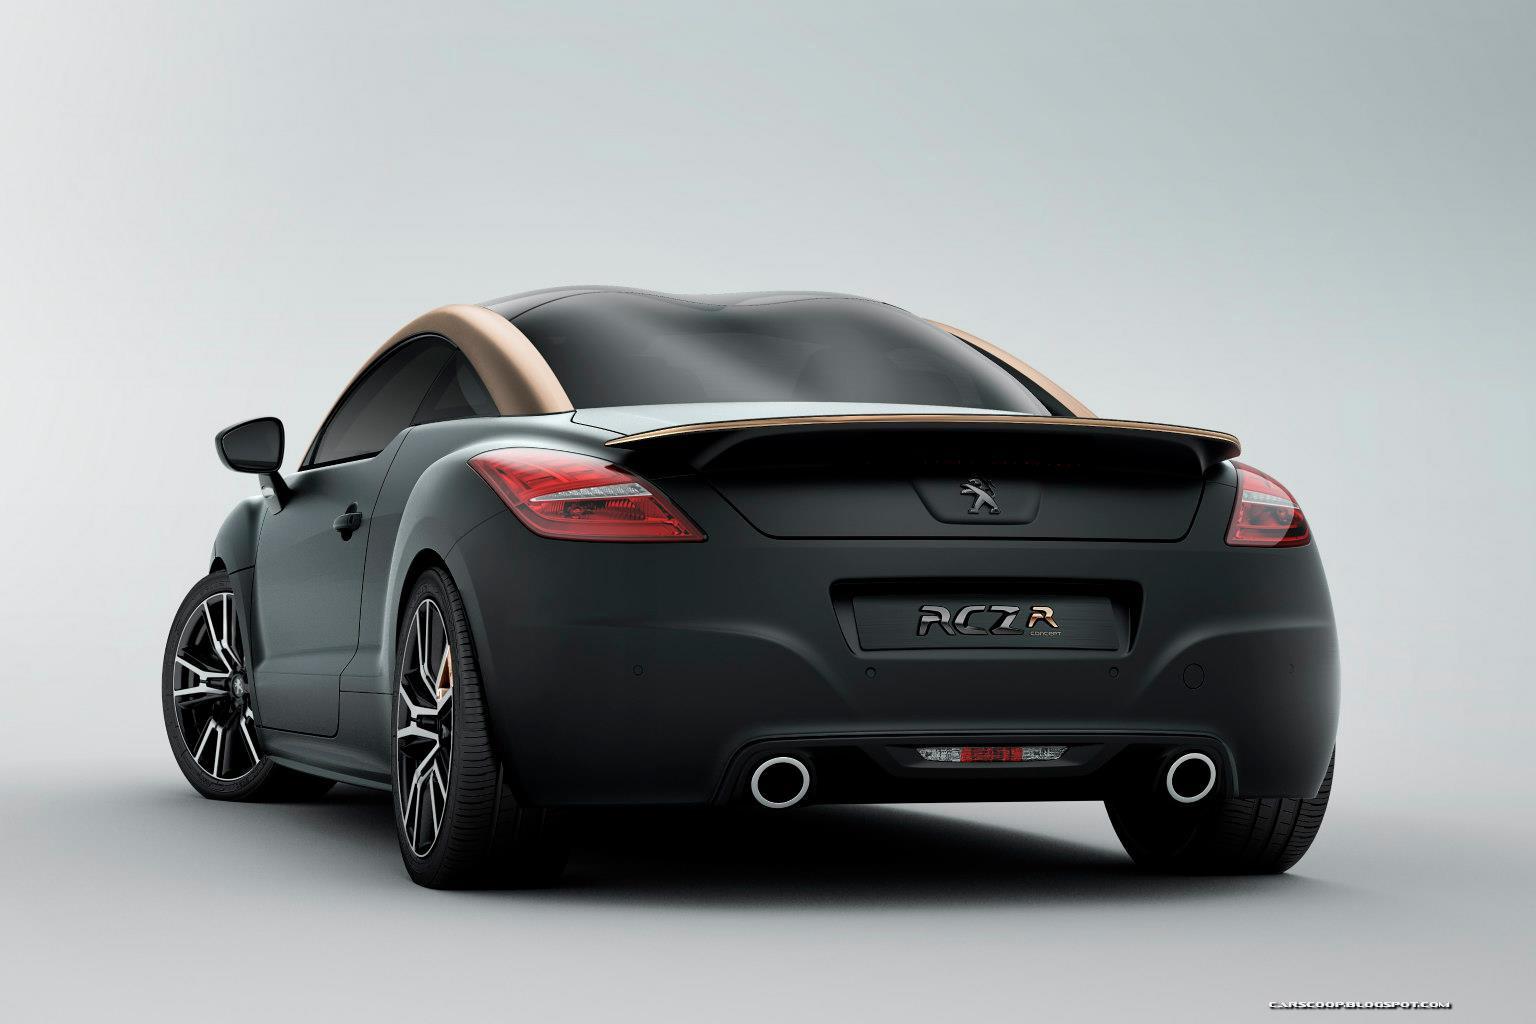 2013 Peugeot Unveils Rcz Autooonline Magazine